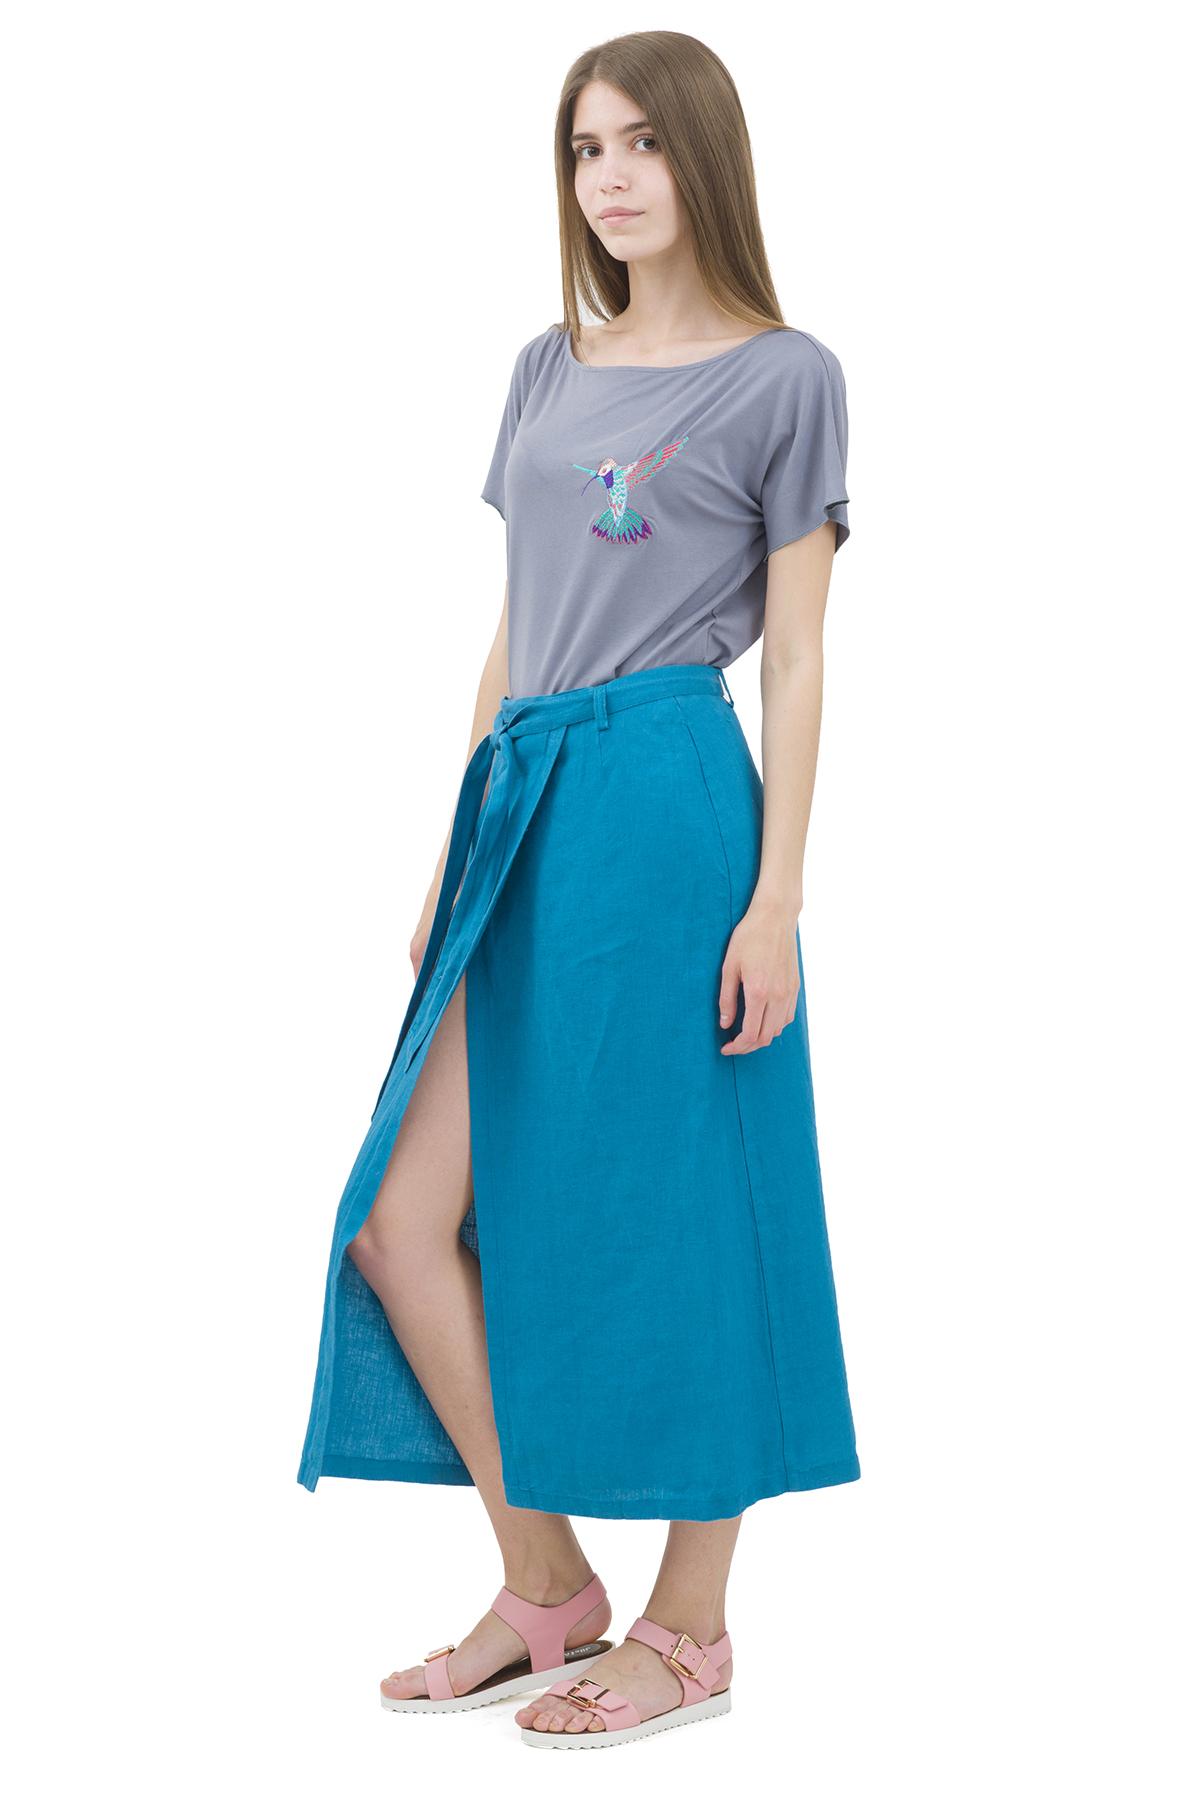 ЮбкаЖенские юбки и брюки<br>Льняная юбка должна быть в каждом гардеробе и эта модель отвечает всем требованиям современной модницы! Благодаря спокойной однотонной расцветке, юбка превосходно гармонирует с любыми вещами.<br><br>Цвет: бирюзовый<br>Состав: 100% лен<br>Размер: 40,42,44,46,48,50,52,54<br>Страна дизайна: Россия<br>Страна производства: Россия